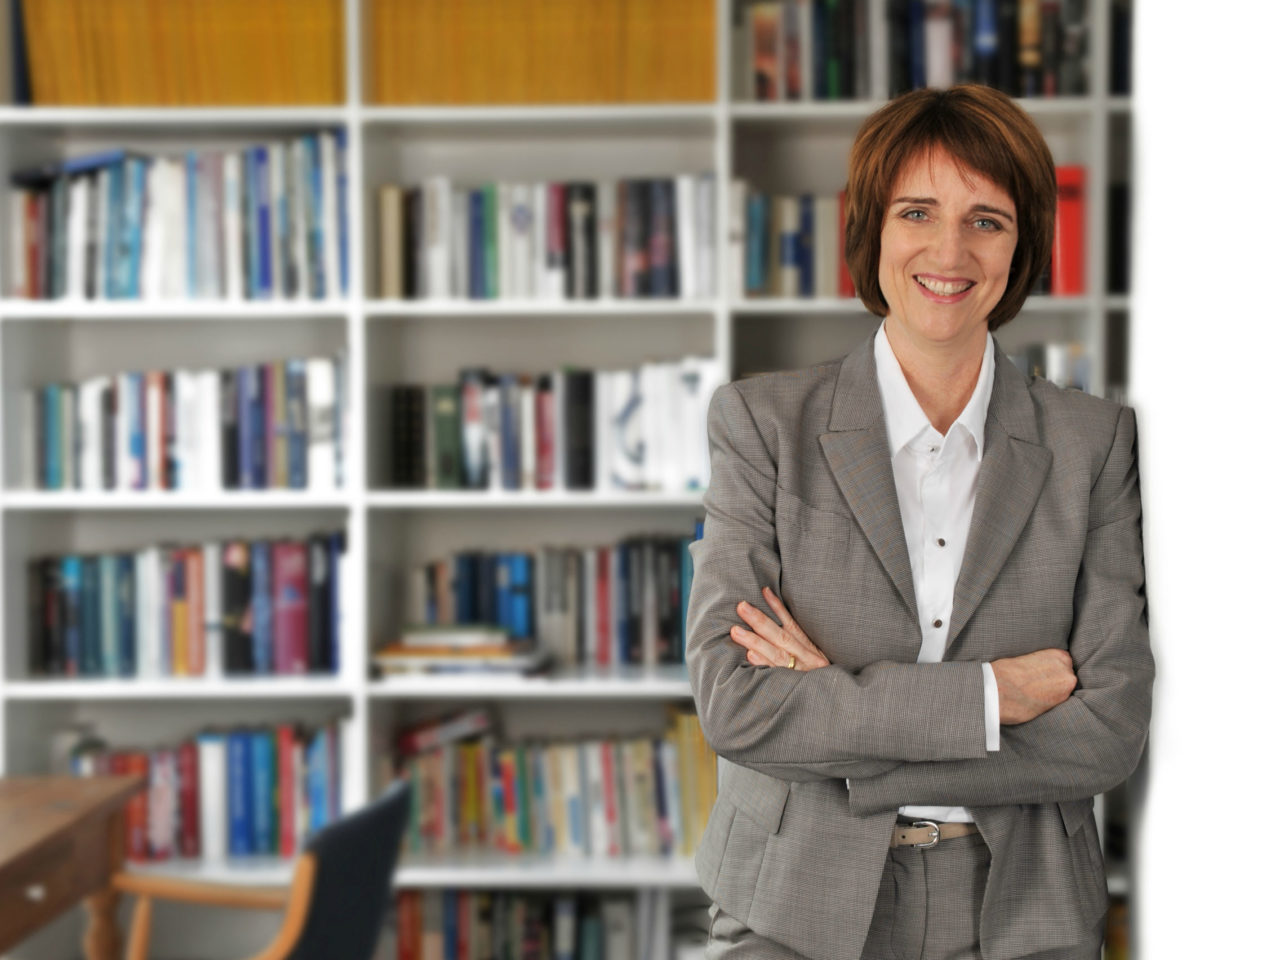 http://karriereberatung-pueschel.de/wp-content/uploads/2021/03/Dr.AntoniaPueschel-3-scaled-e1614799744722-1280x960.jpg